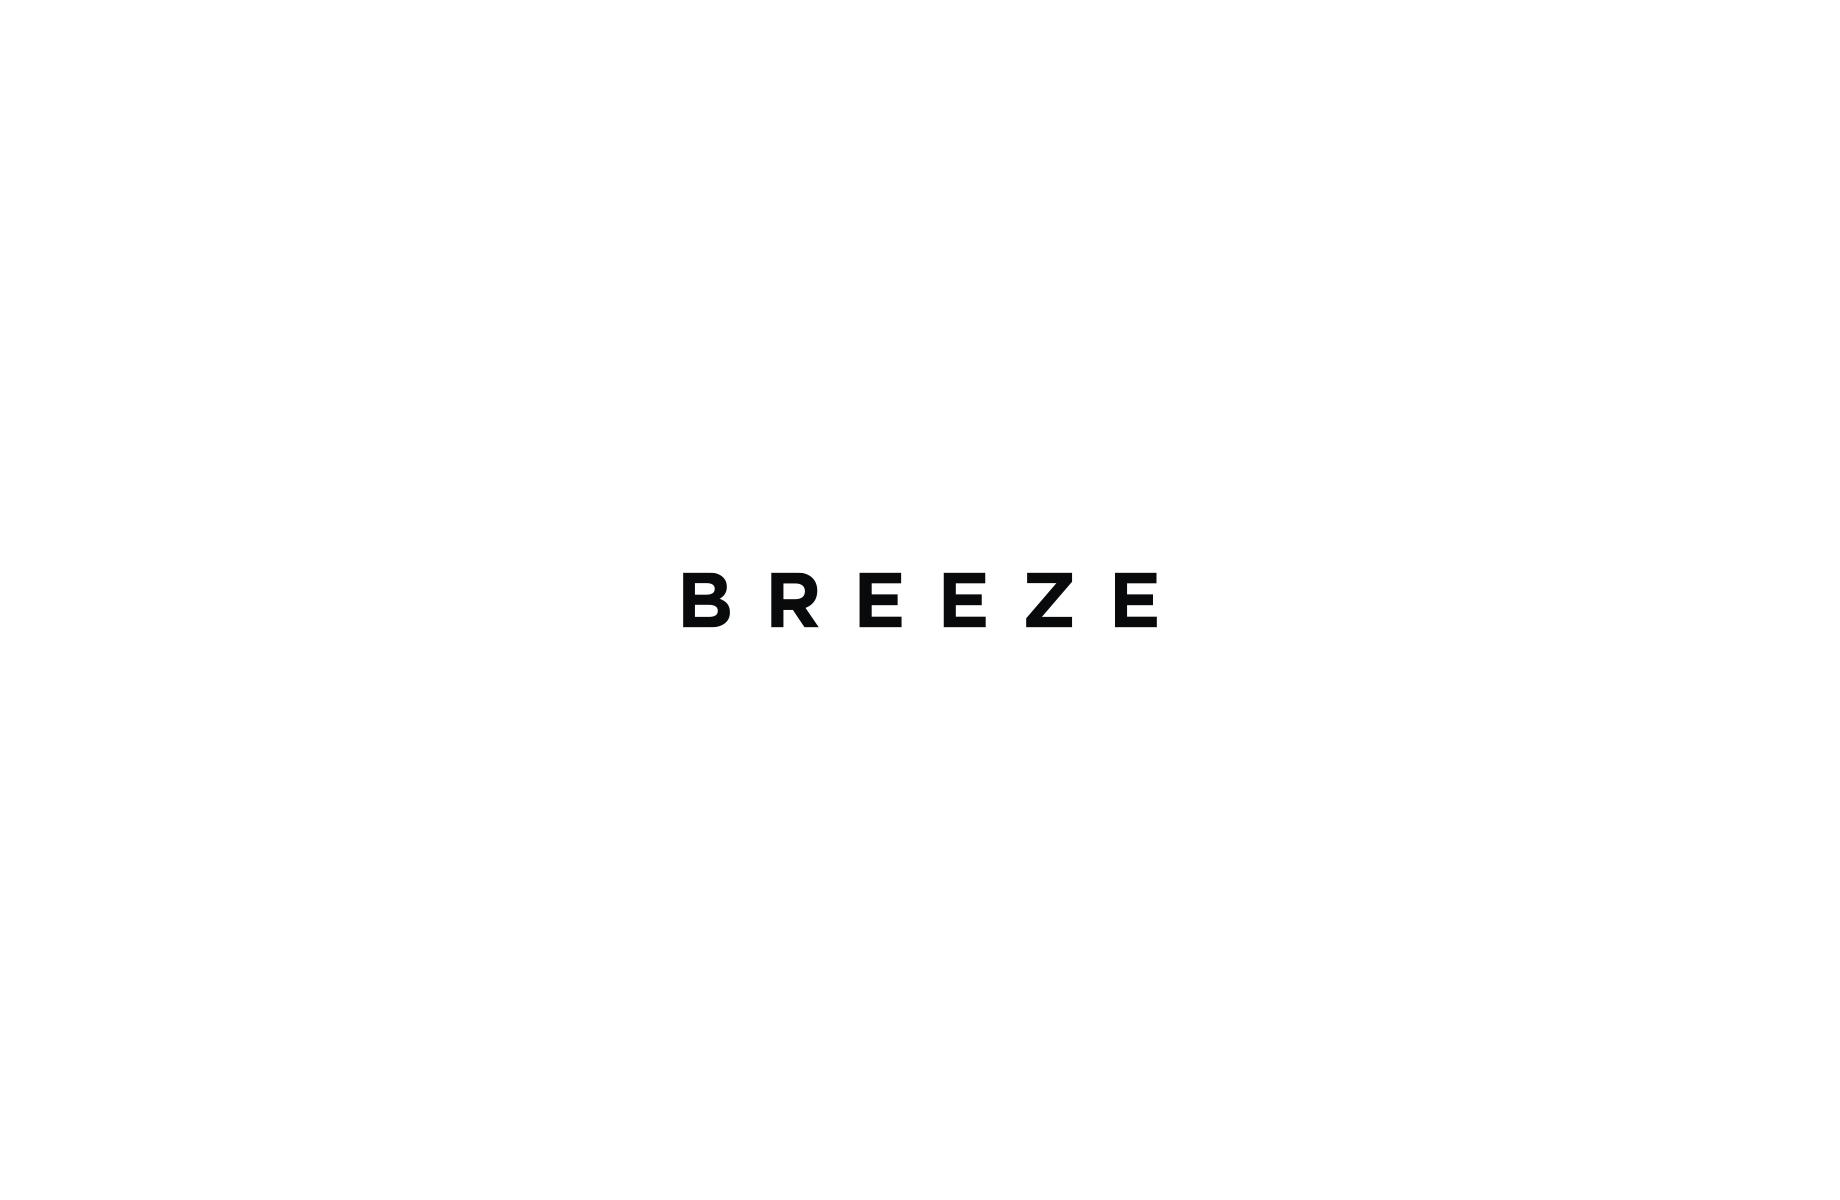 Breeze / Face (7)